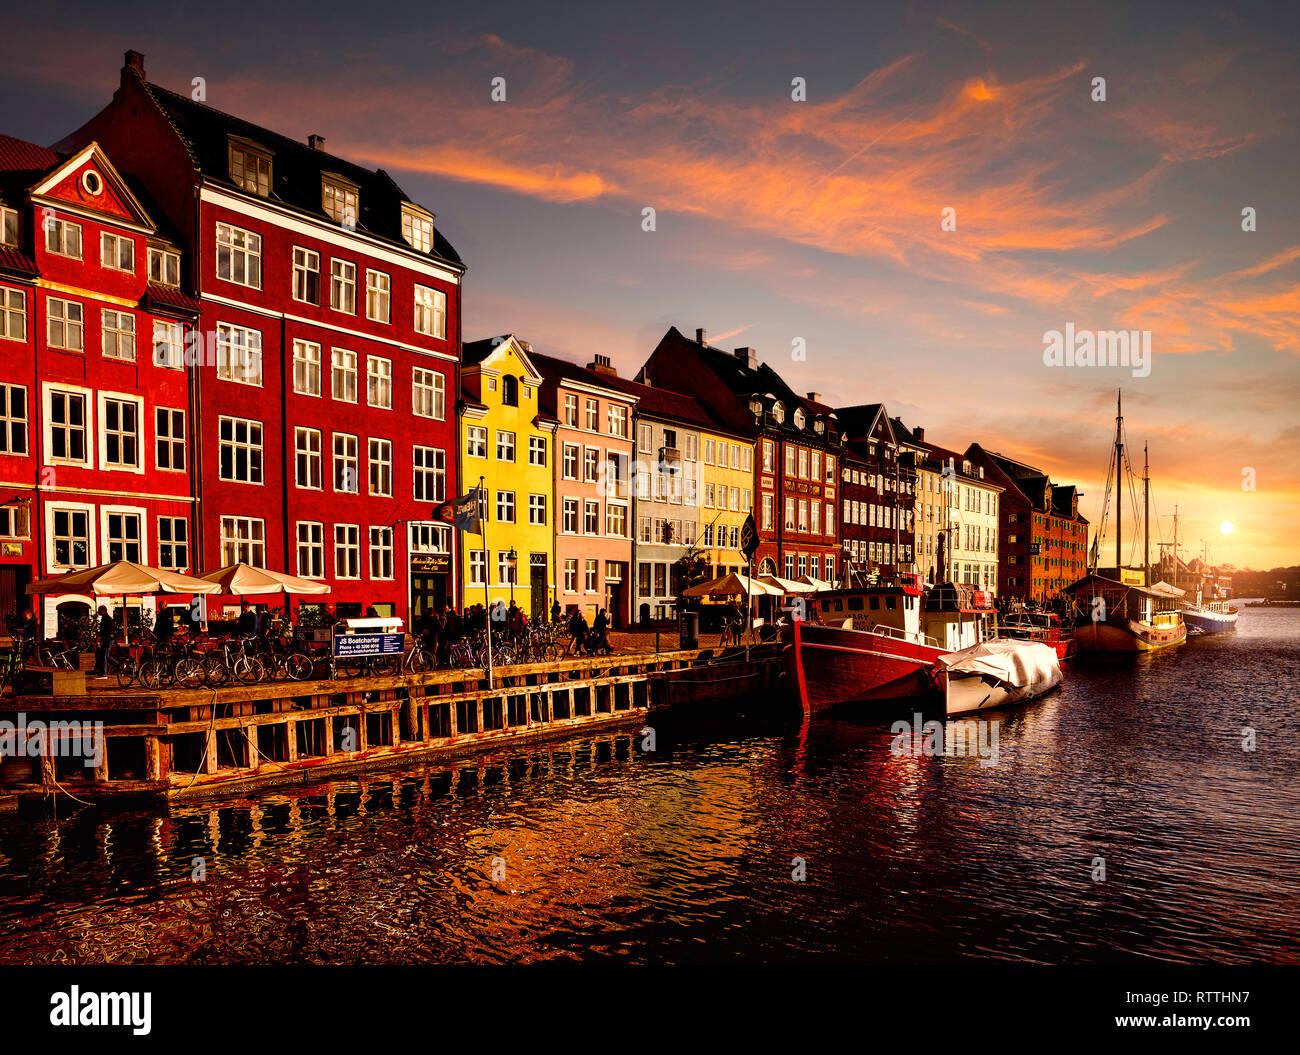 Nyhavn at Sunset, Copenhagen, Denmark. Stock Photo